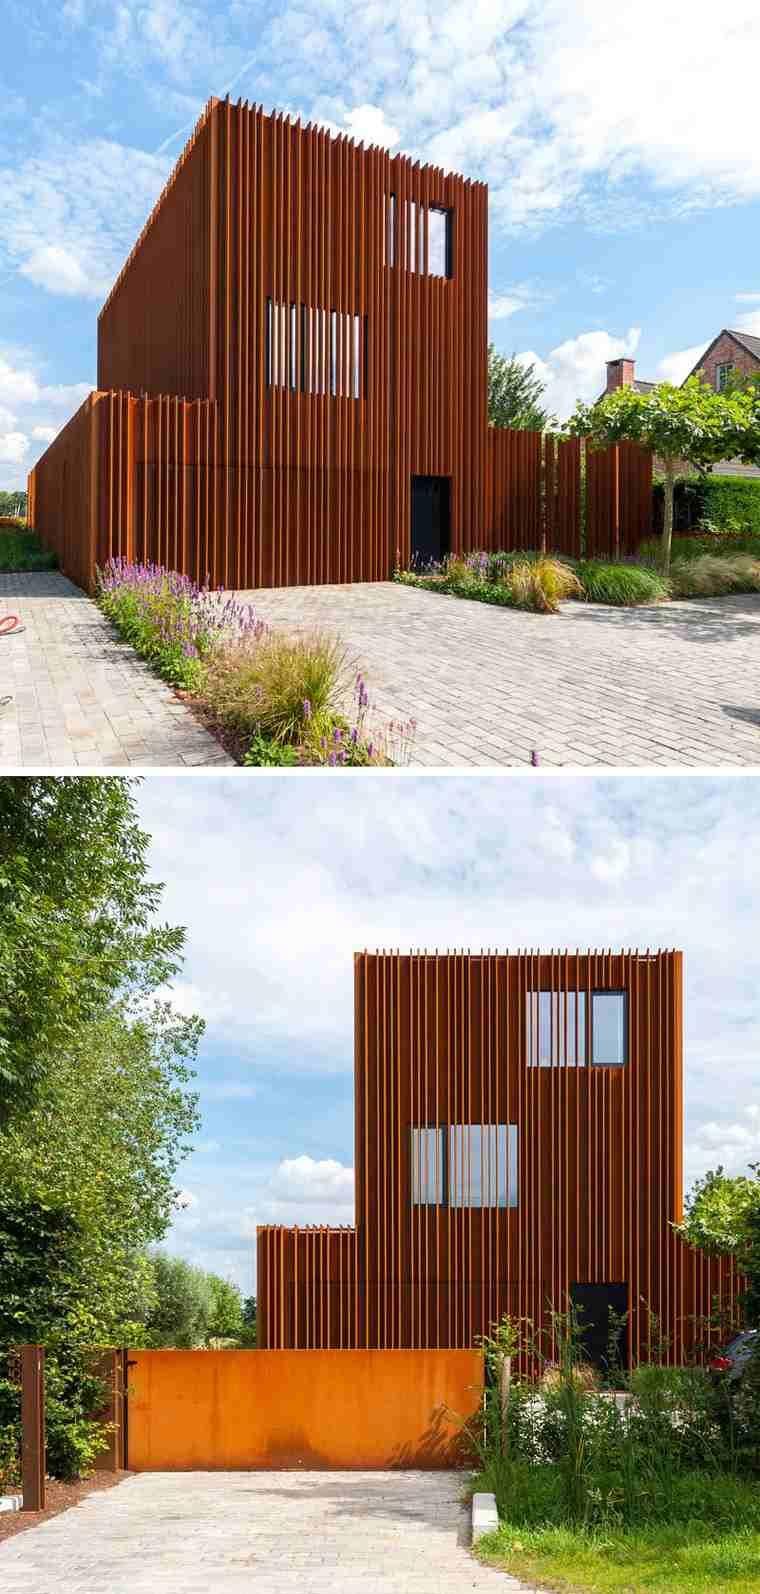 Moderne Und Einzigartige Häuser Mit Außen In Stahl Gekleidet #einzigartige  #gekleidet #hauser #moderne #stahl